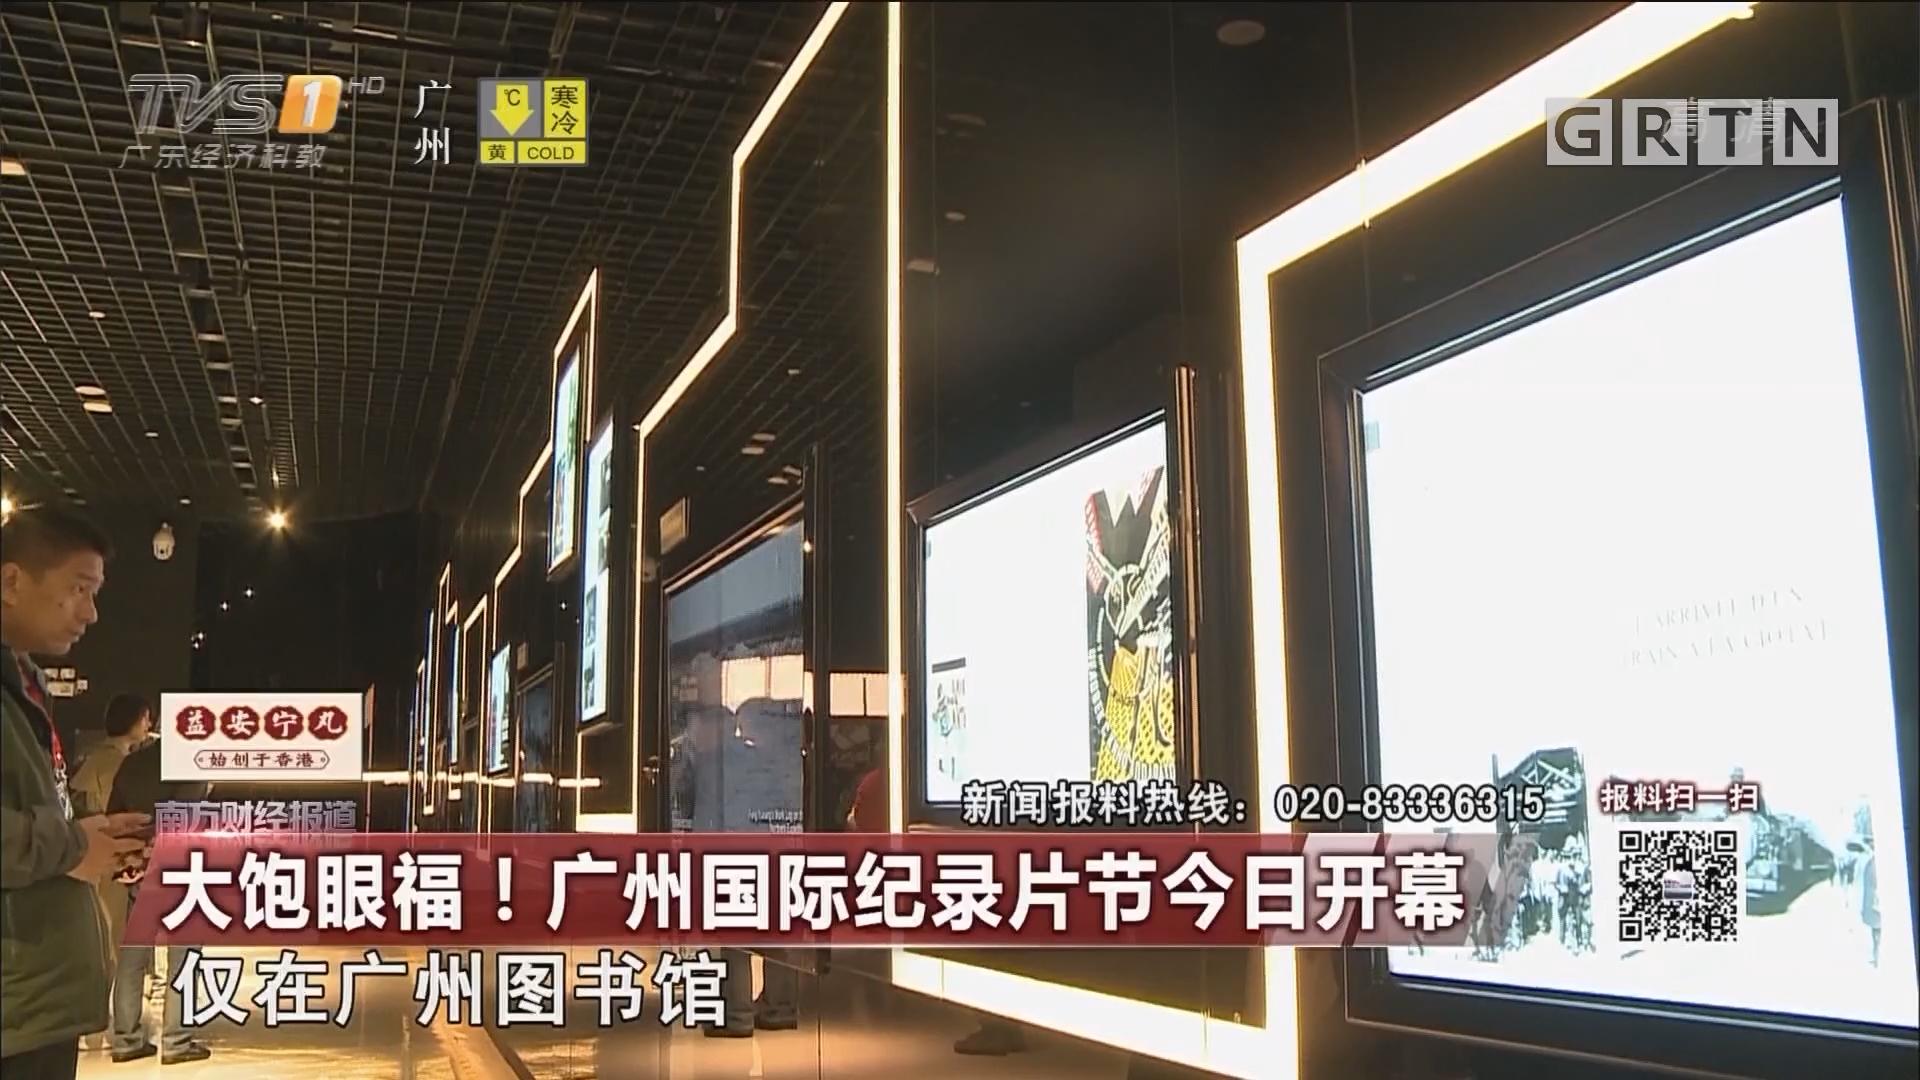 大饱眼福!广州国际纪录片节今日开幕